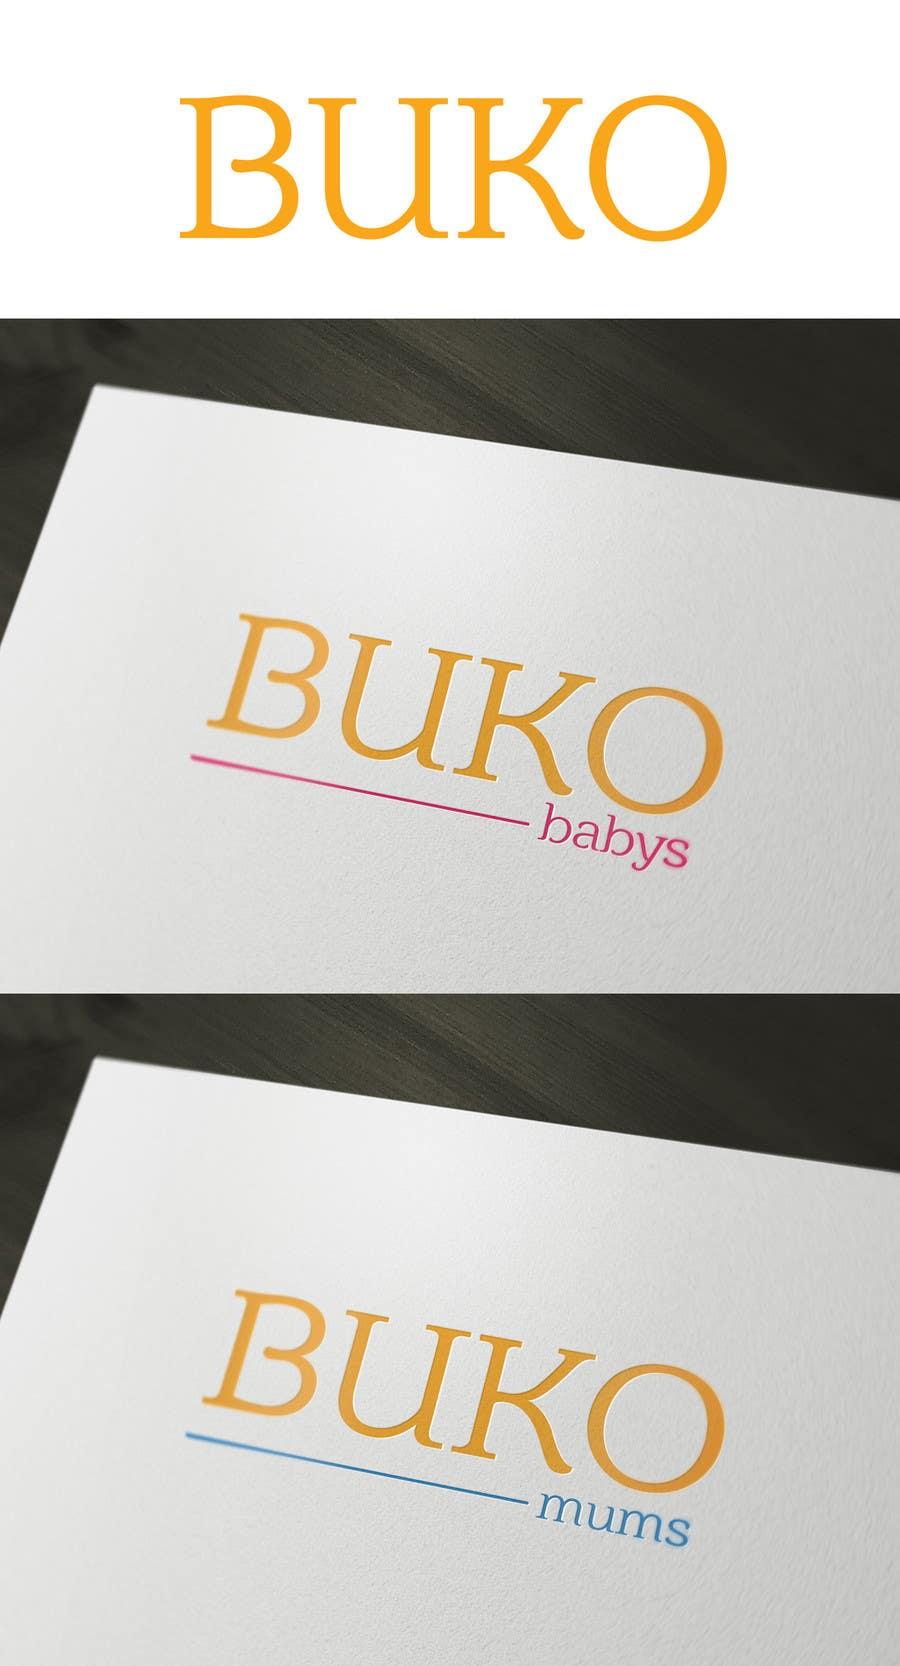 Penyertaan Peraduan #100 untuk Design a Logo for buko